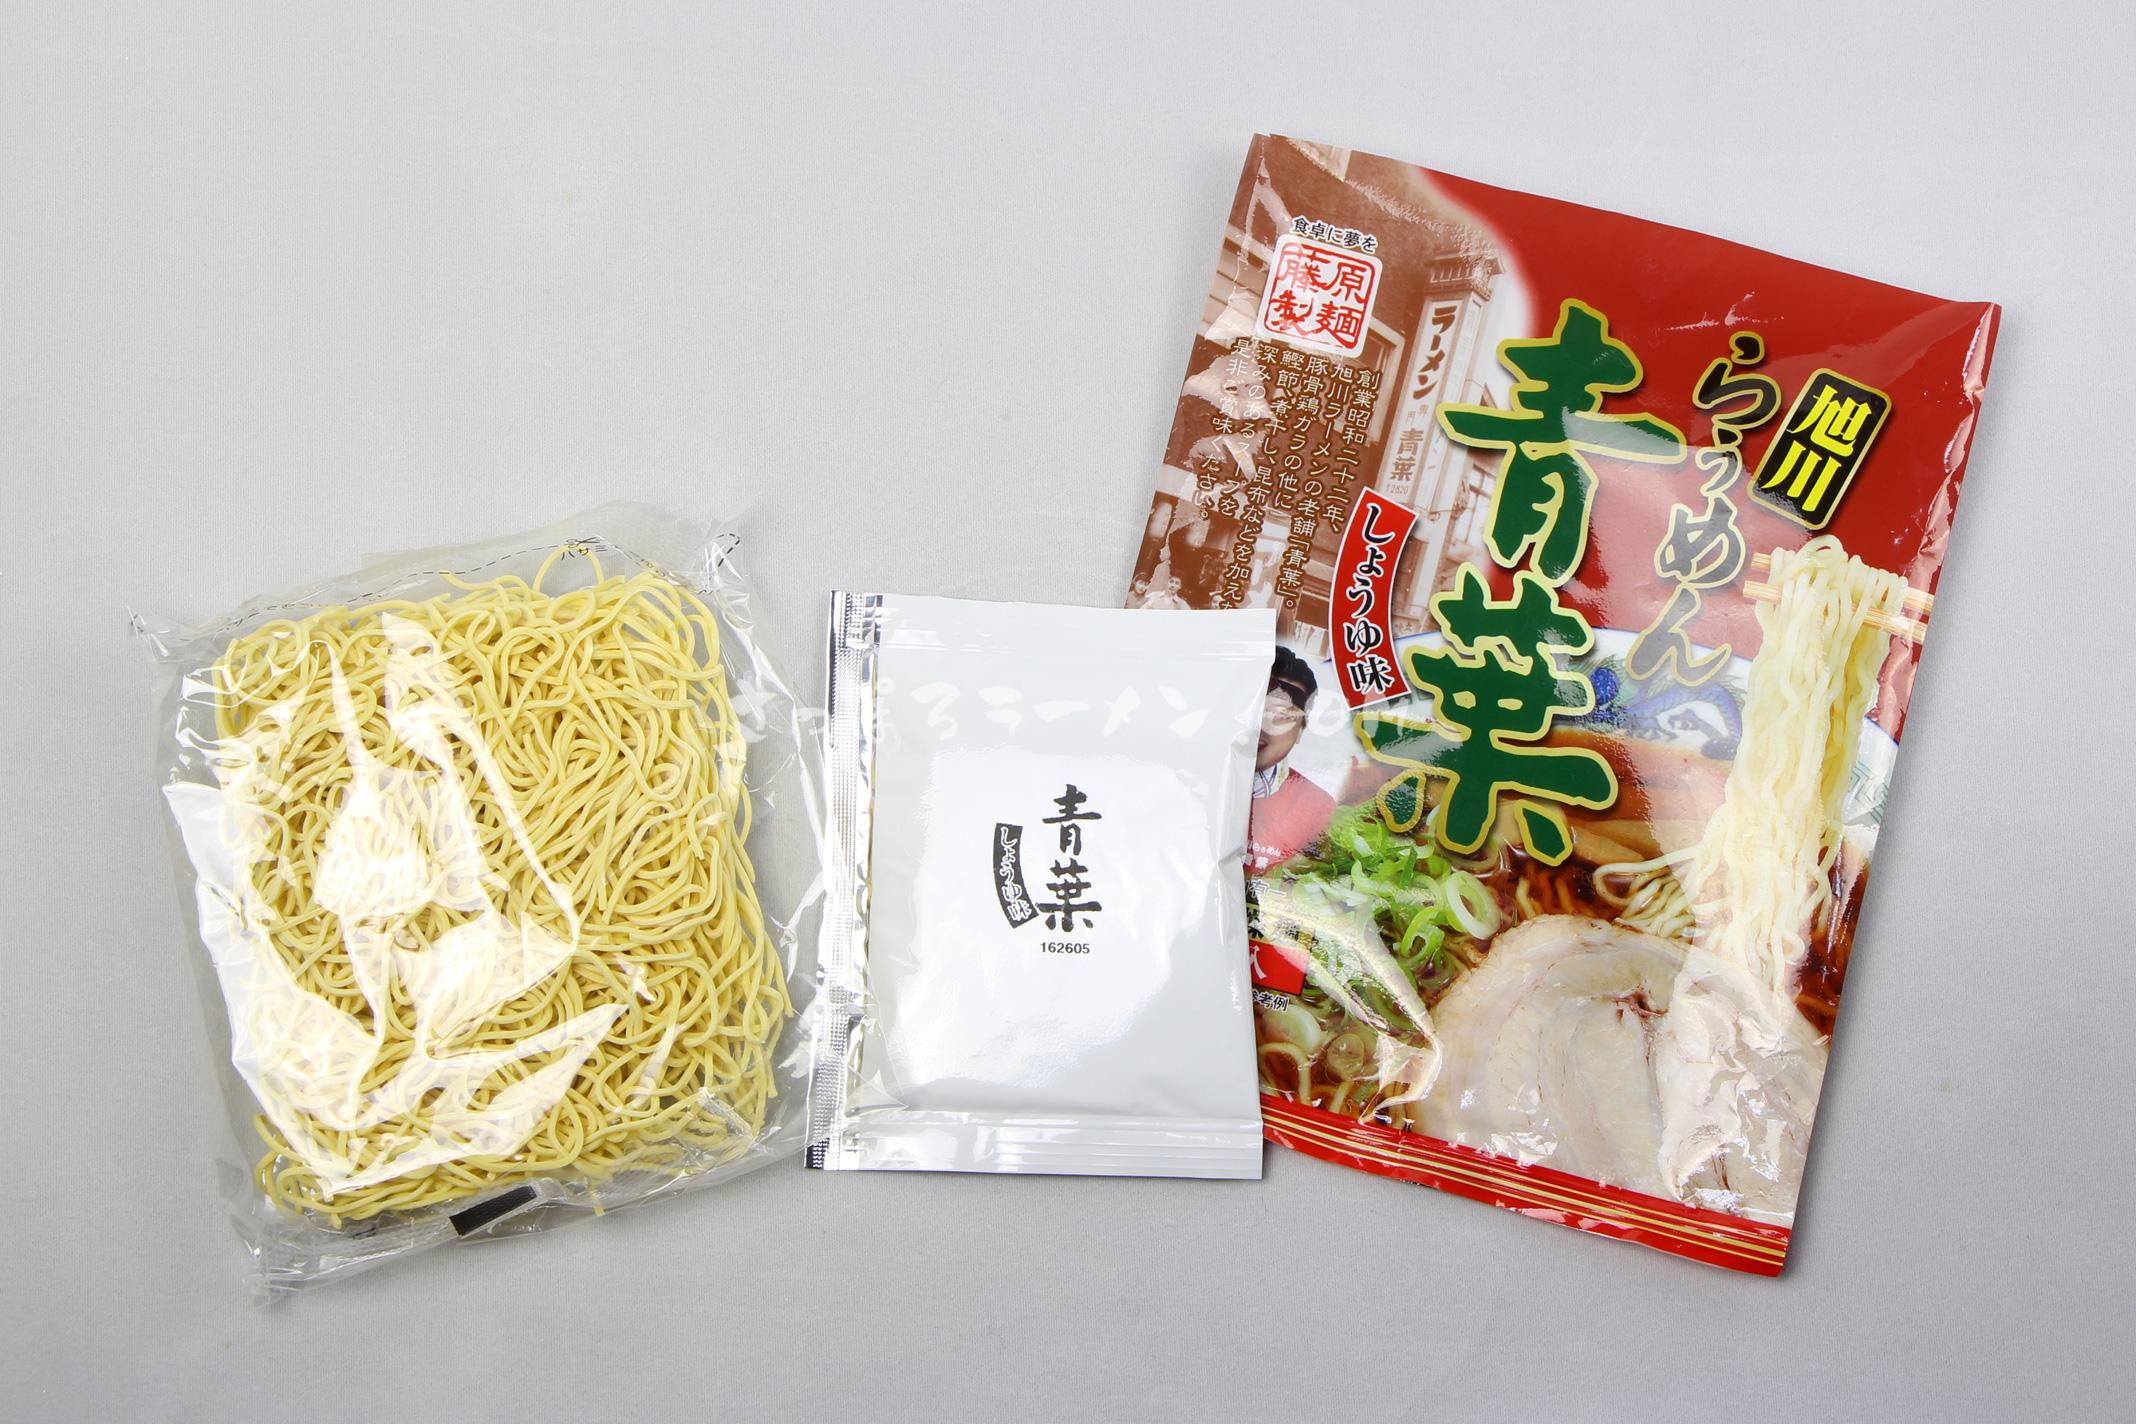 「旭川らぅめん 青葉 しょうゆ味」(藤原製麺)の麺とスープ